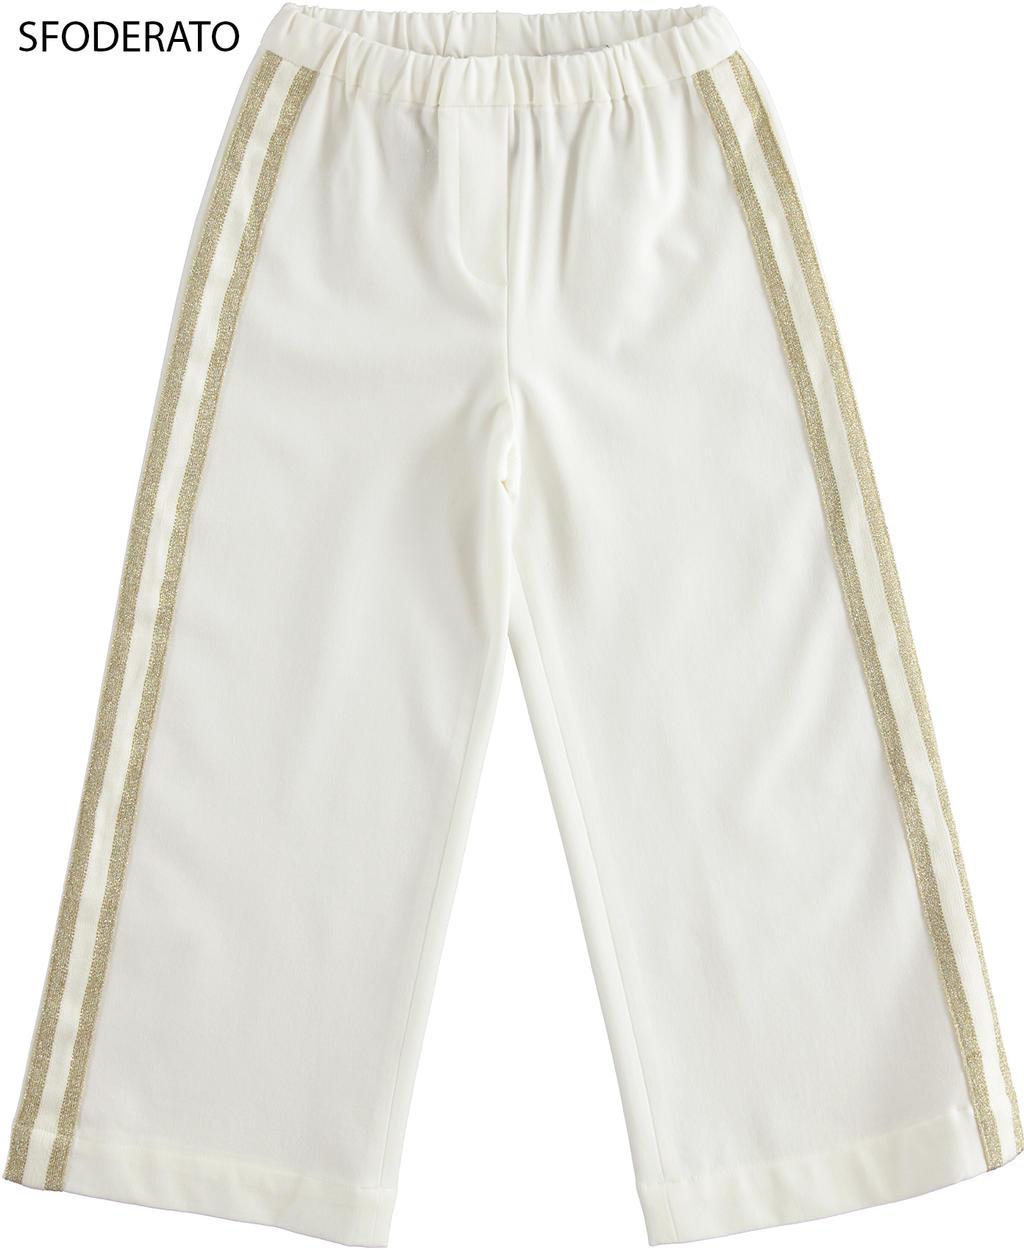 elegante pantalone modello palazzo per b panna fronte 01 2564j52200 0112